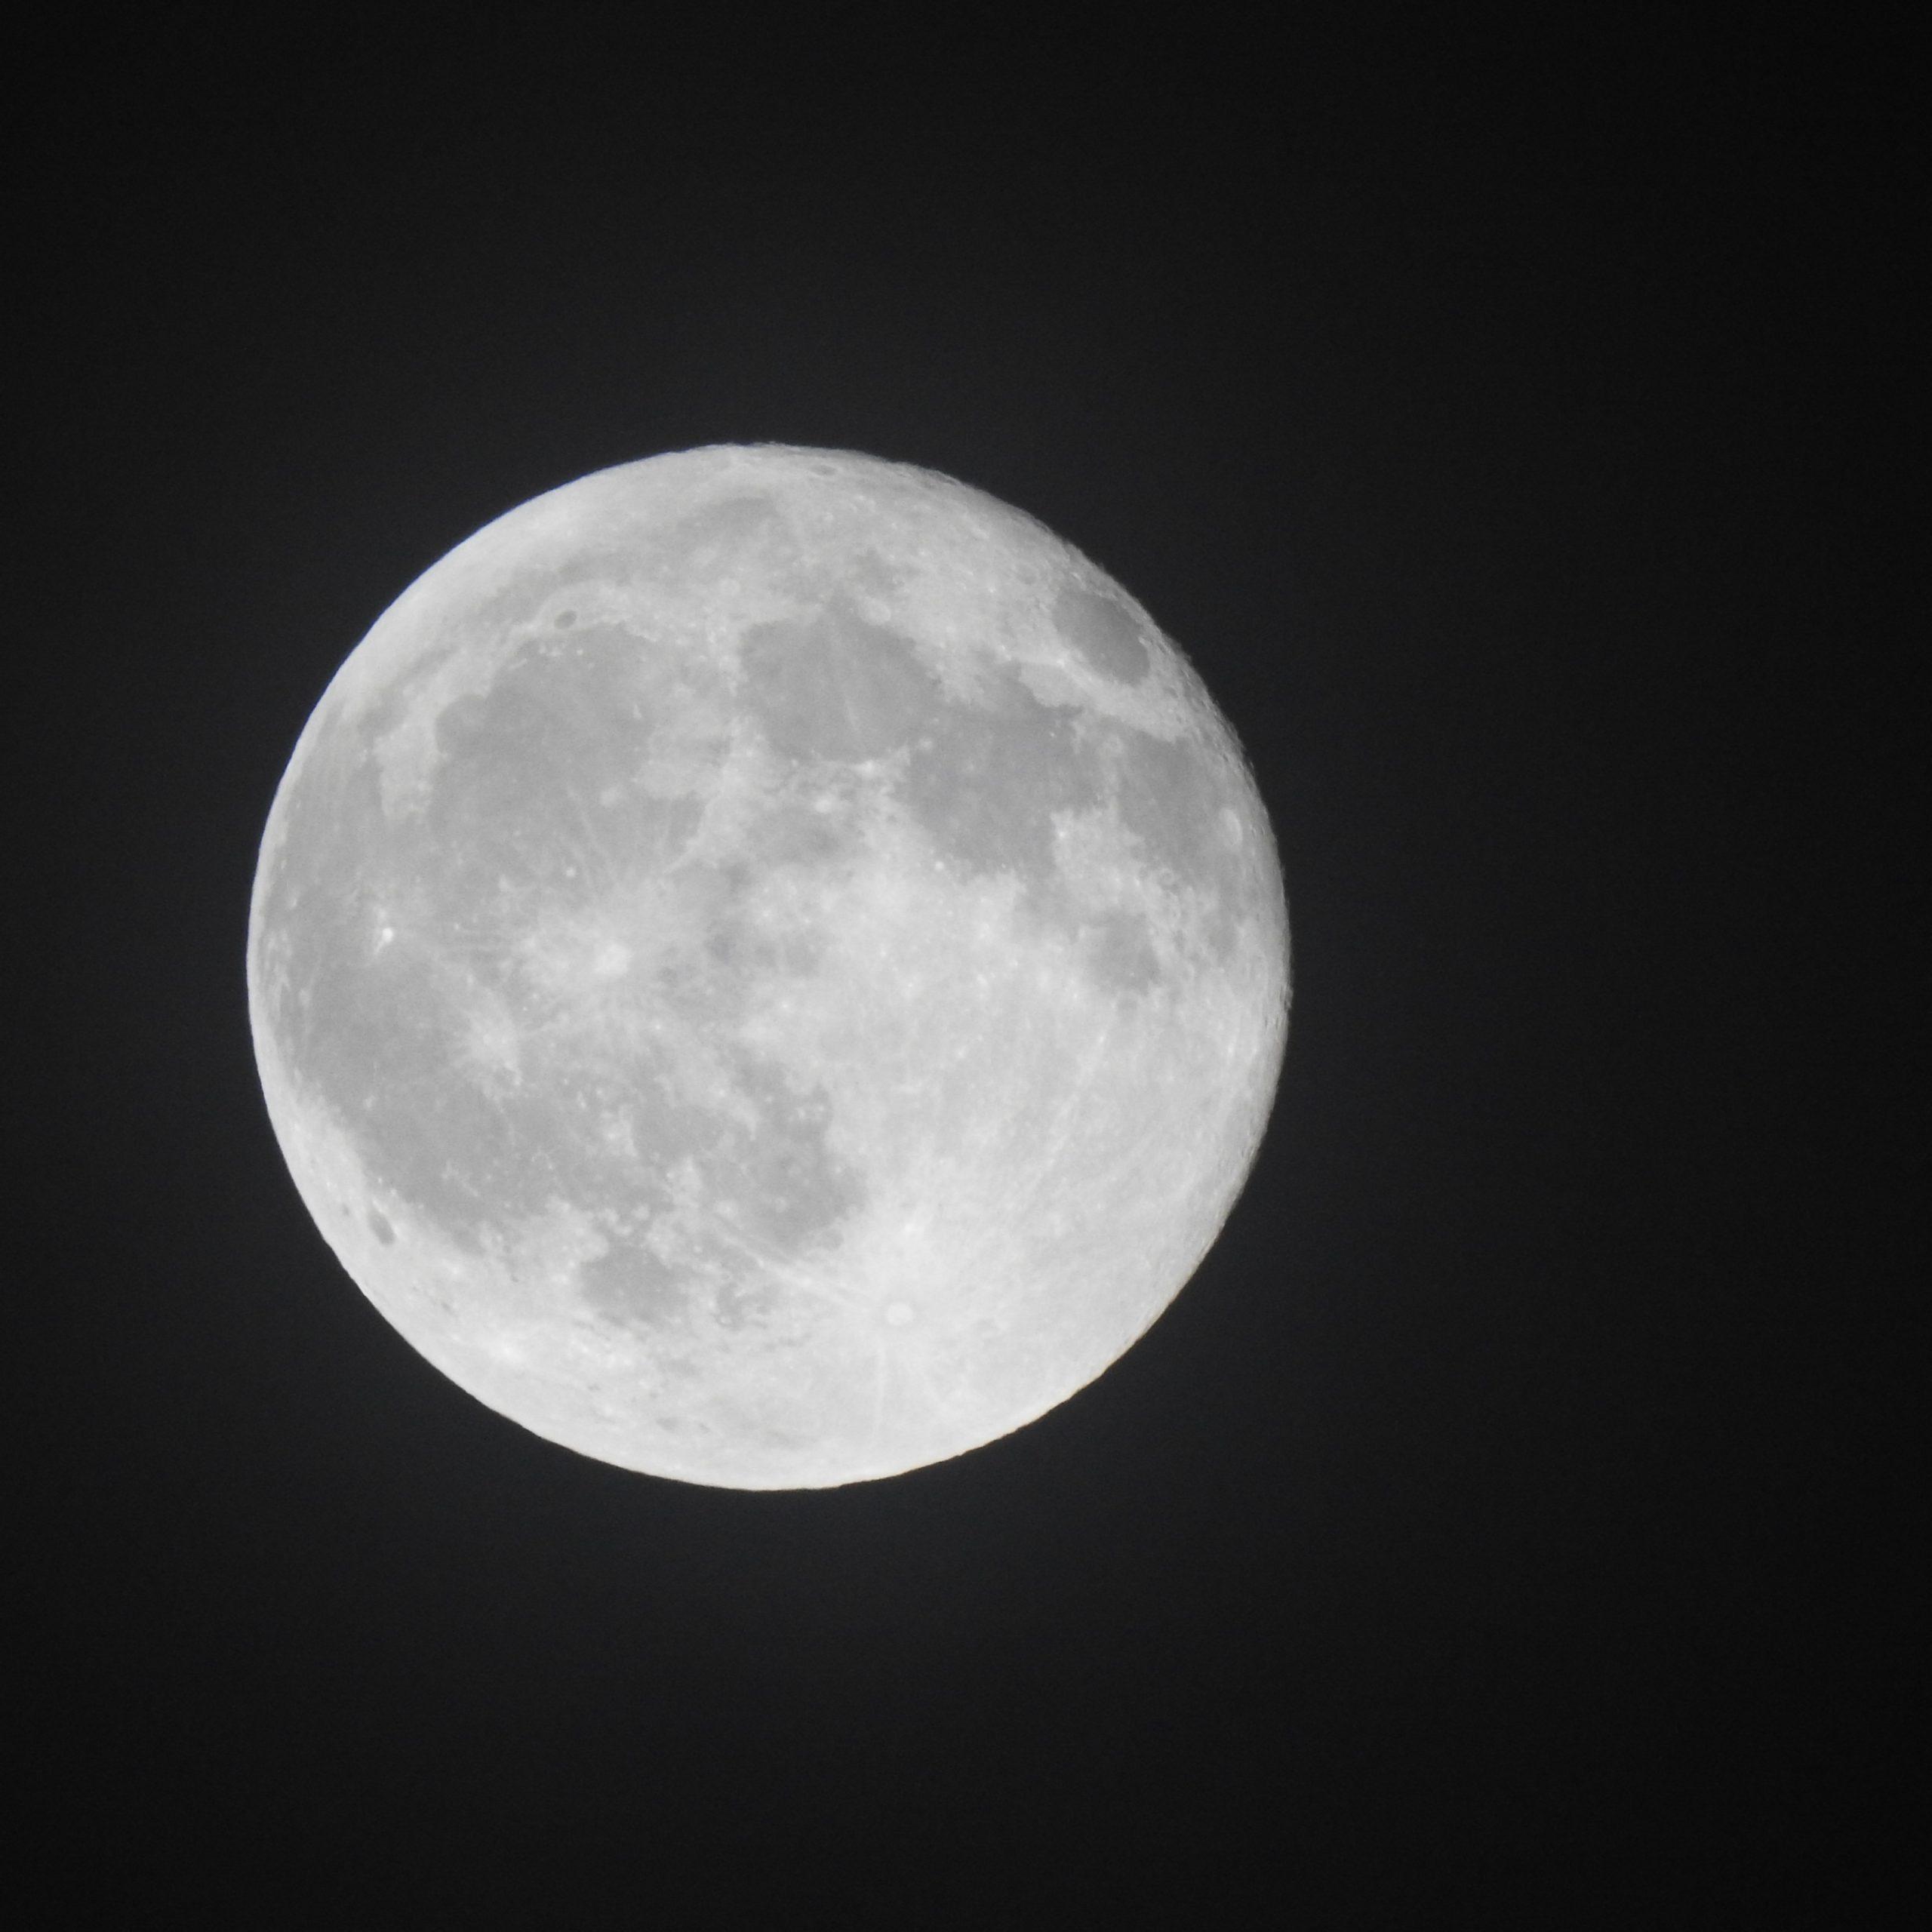 Weitere Mond Fotos in der Foto-Galerie